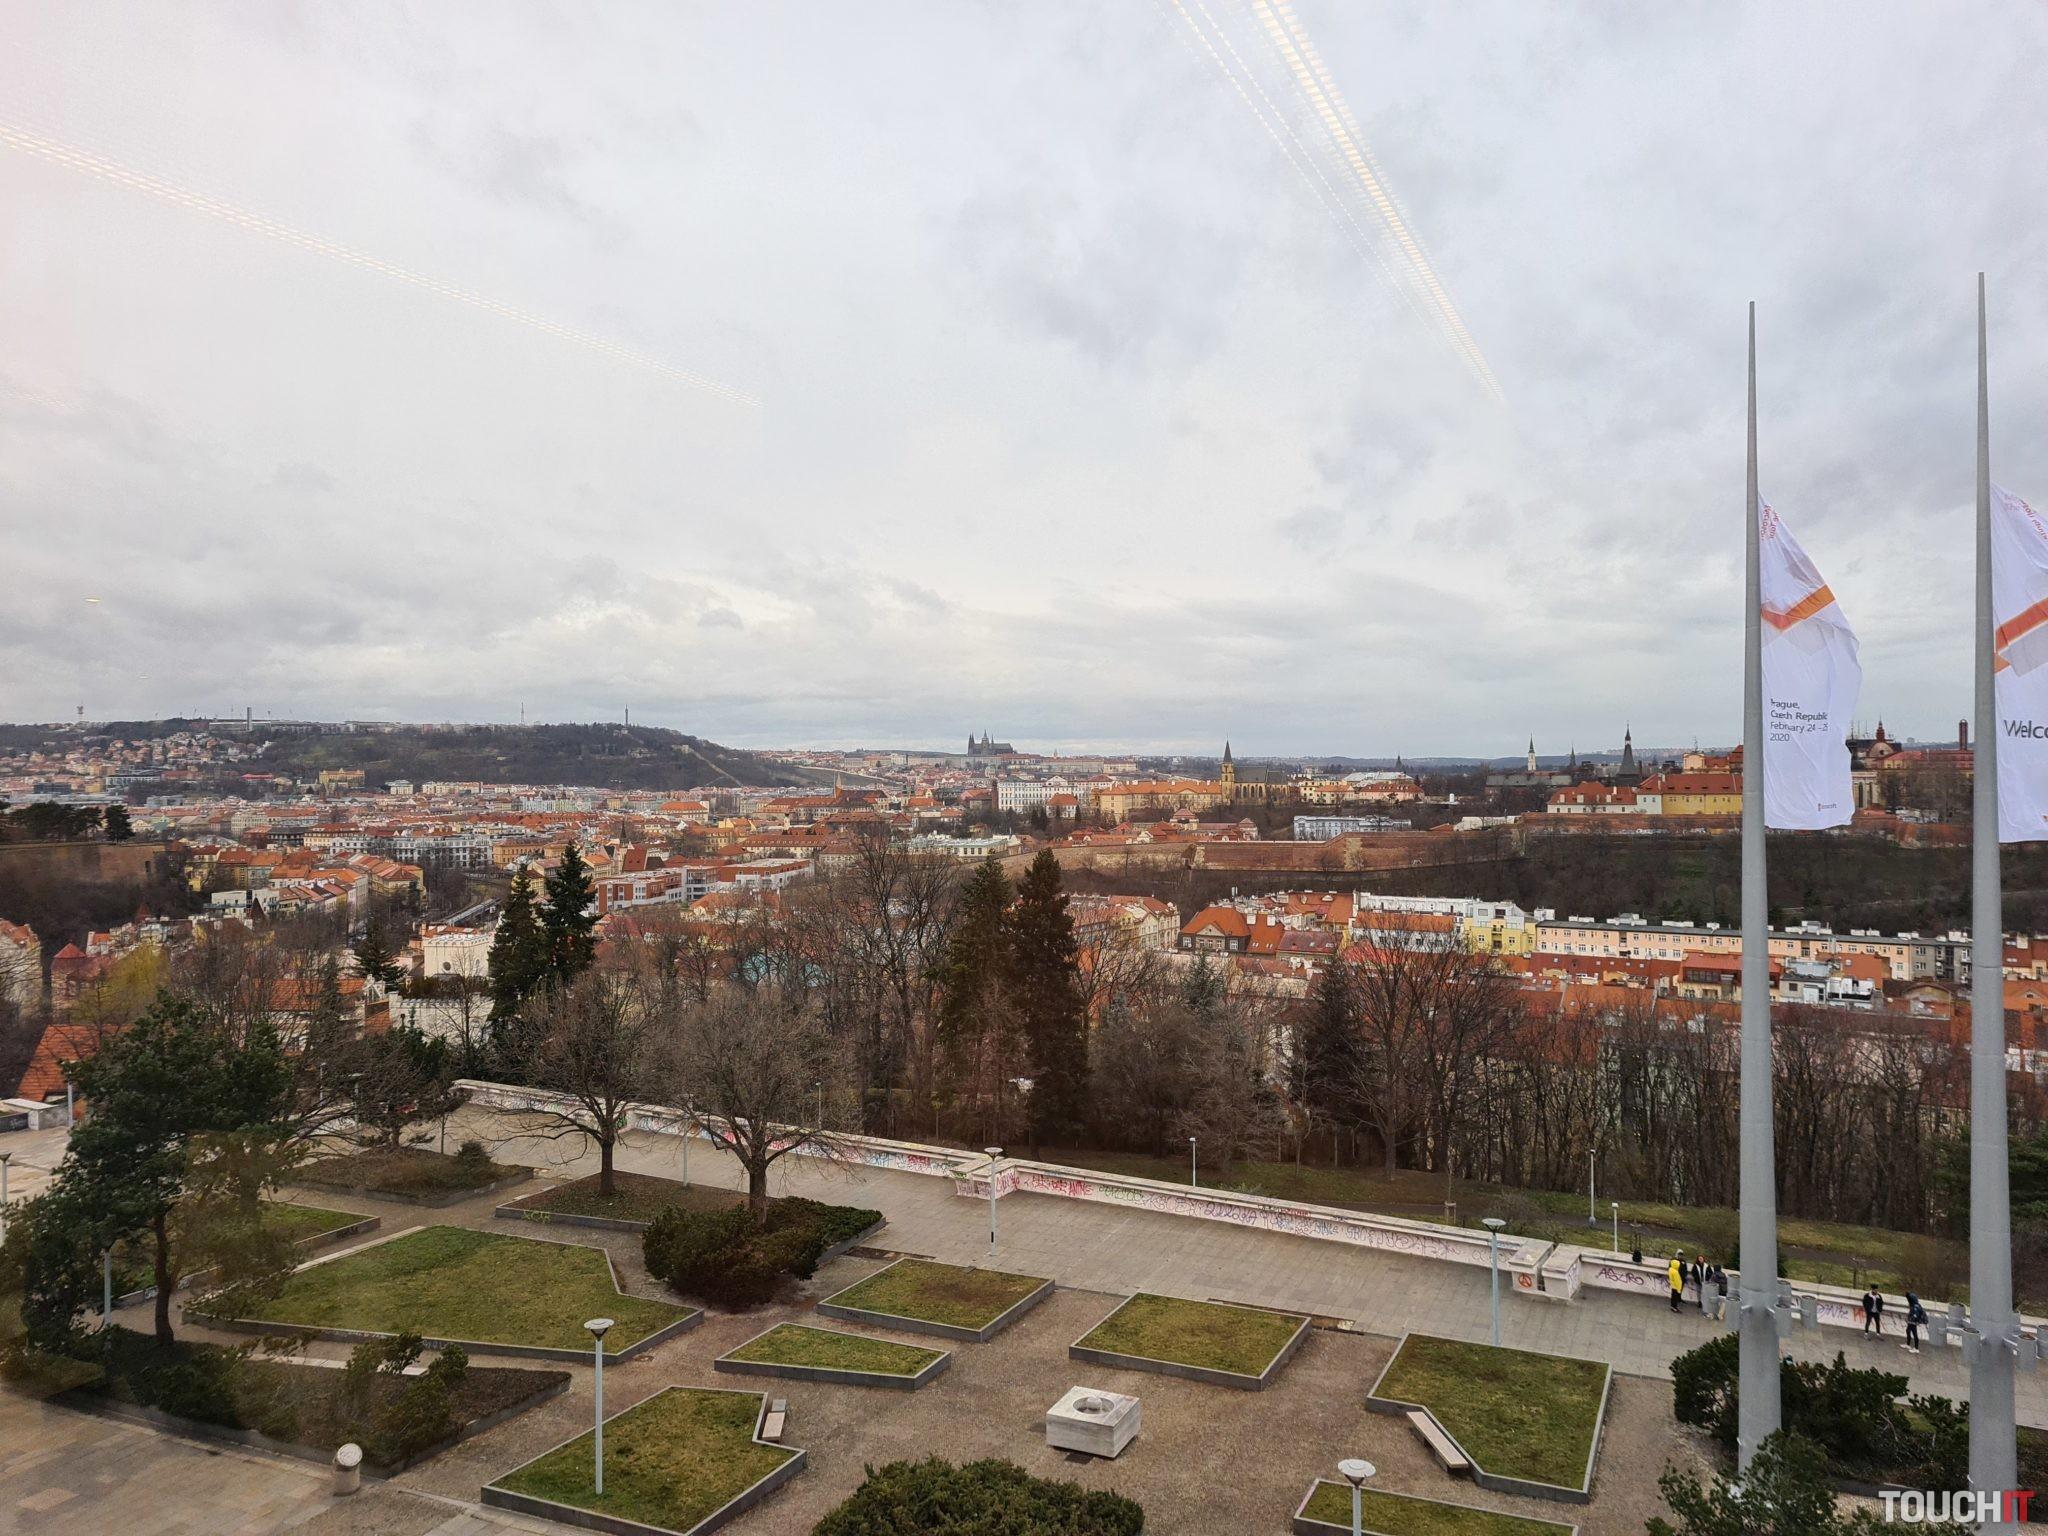 Pohľad na Pražský hrad bez použitia mierky (S20+)